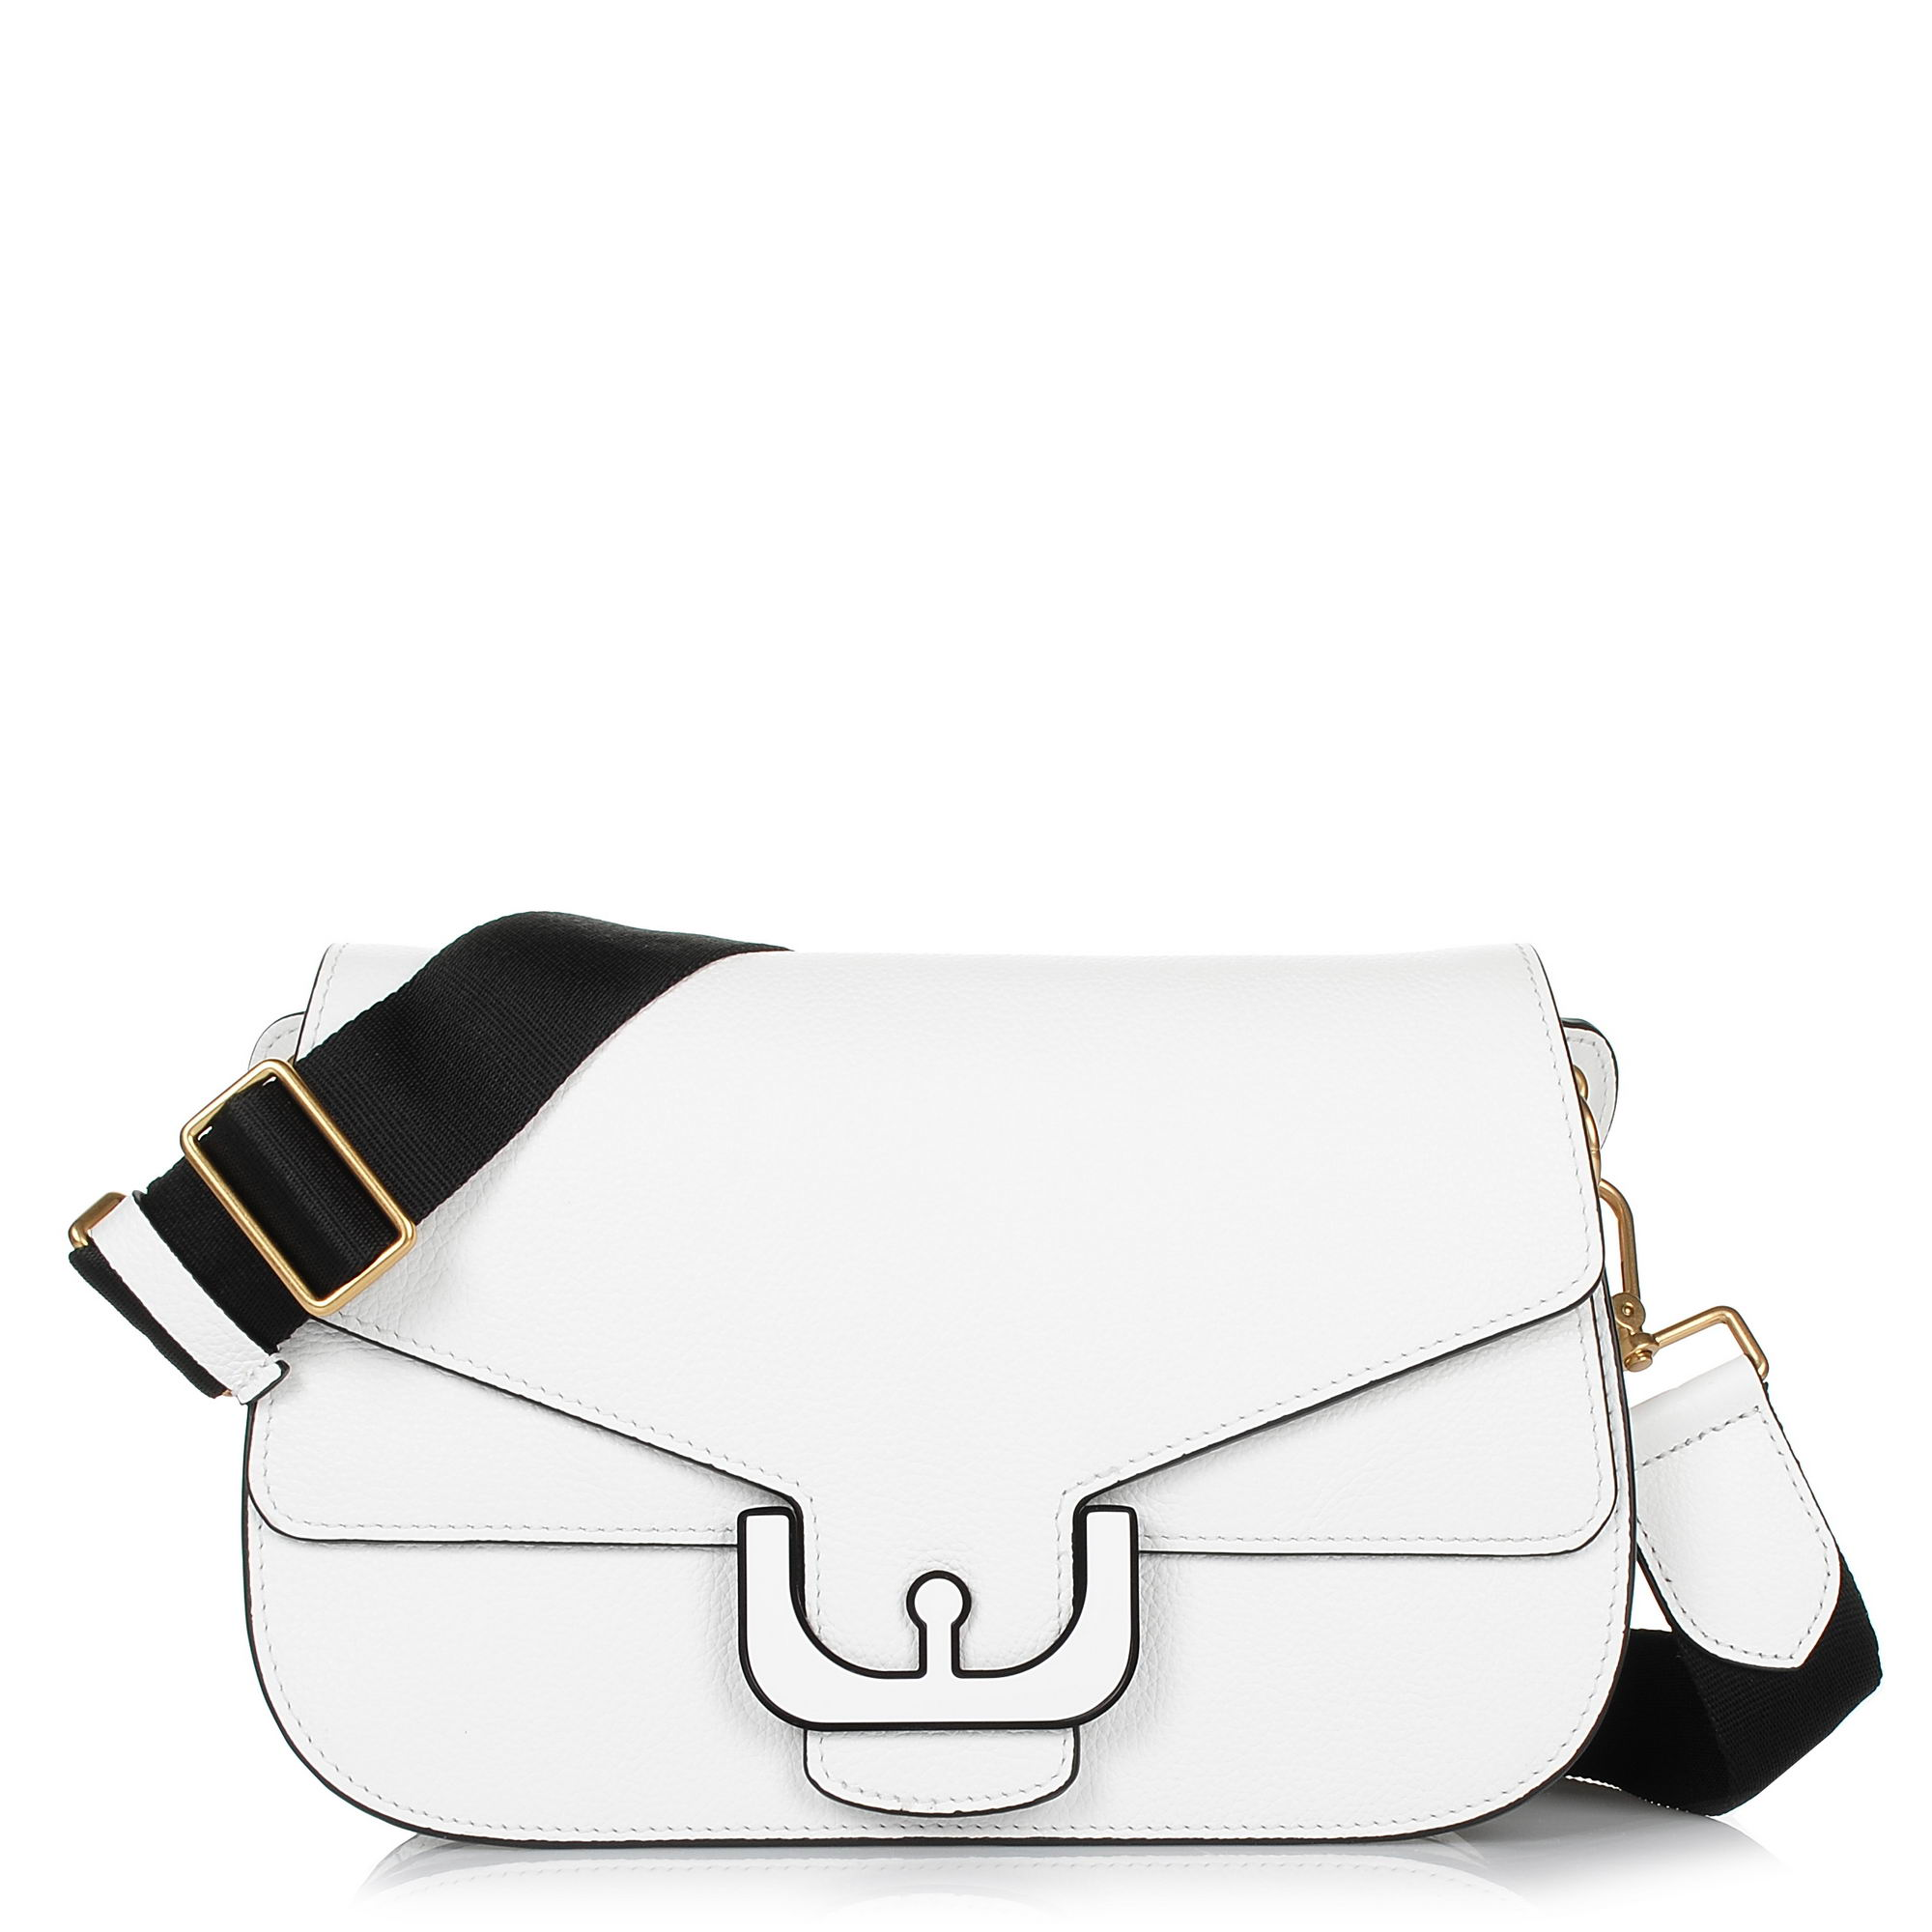 Δερμάτινη Τσάντα Ώμου-Χιαστί Coccinelle Ambrine Graphic E1BM3120301 γυναικα   γυναικεία τσάντα